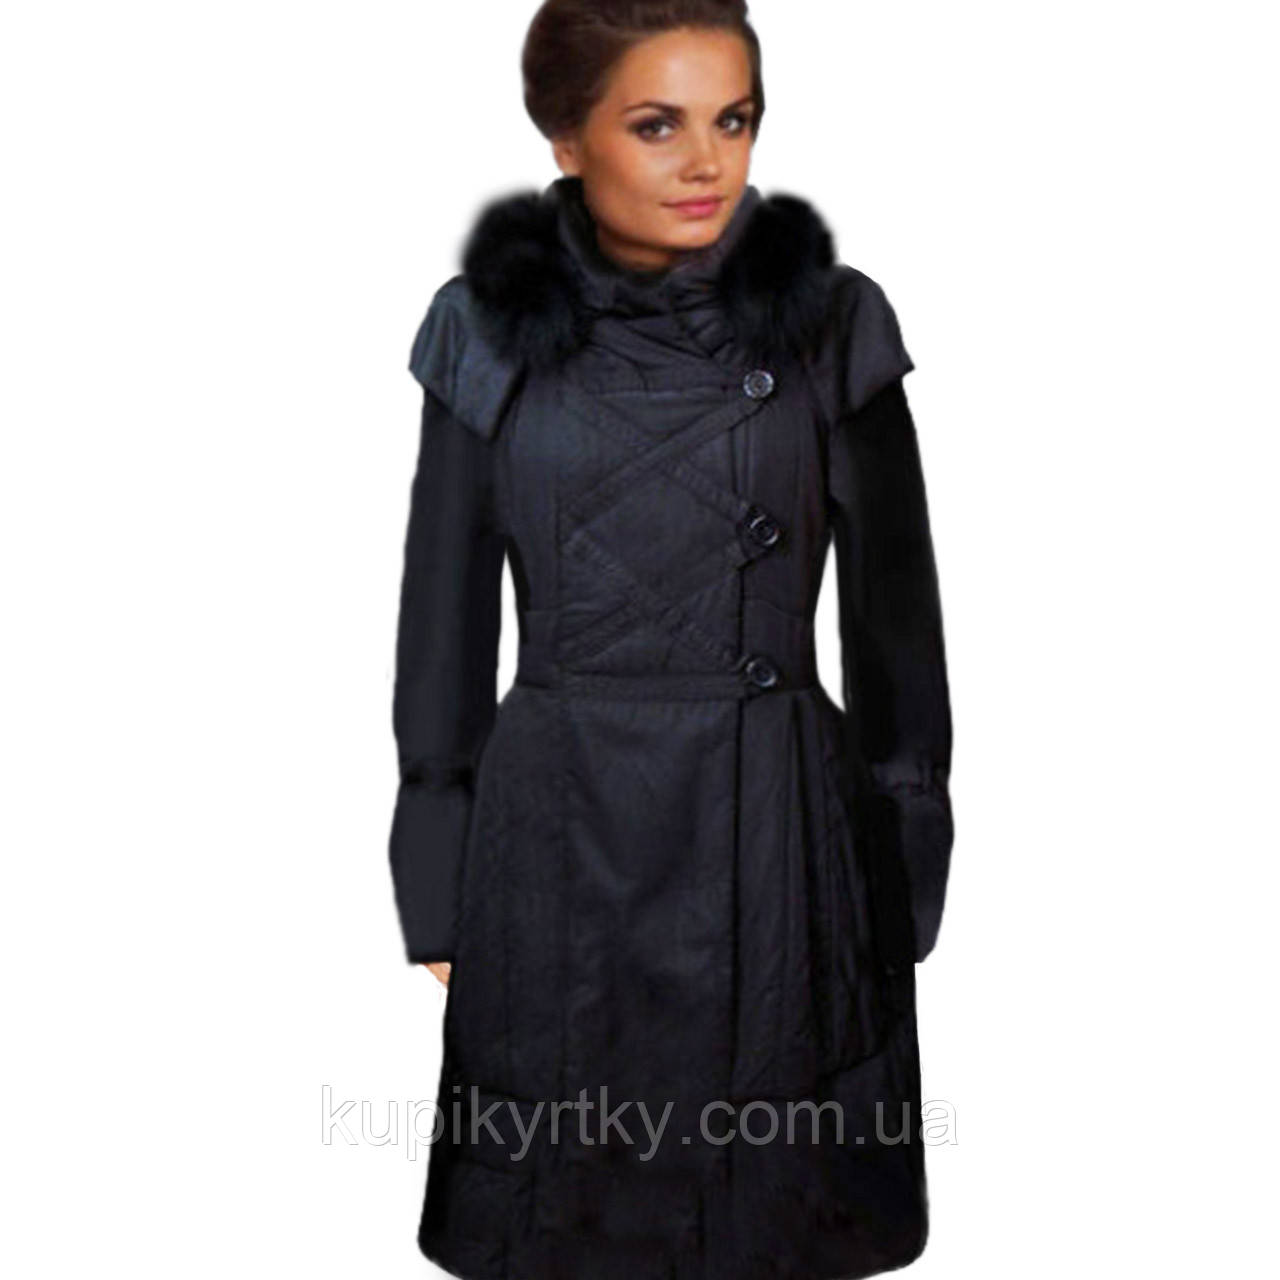 Пальто женское эксклюзивное(весна-осень)